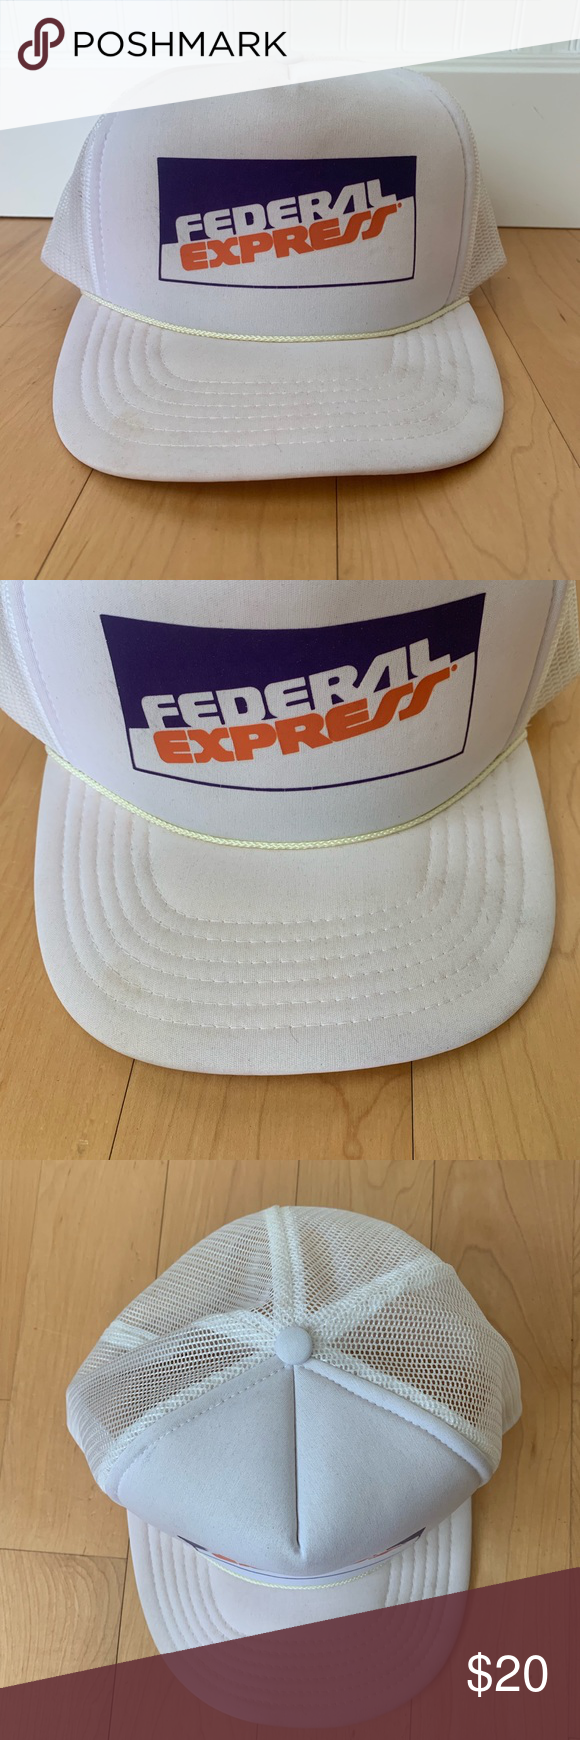 Vintage Federal Express Hat Vintage Federal Express 90s